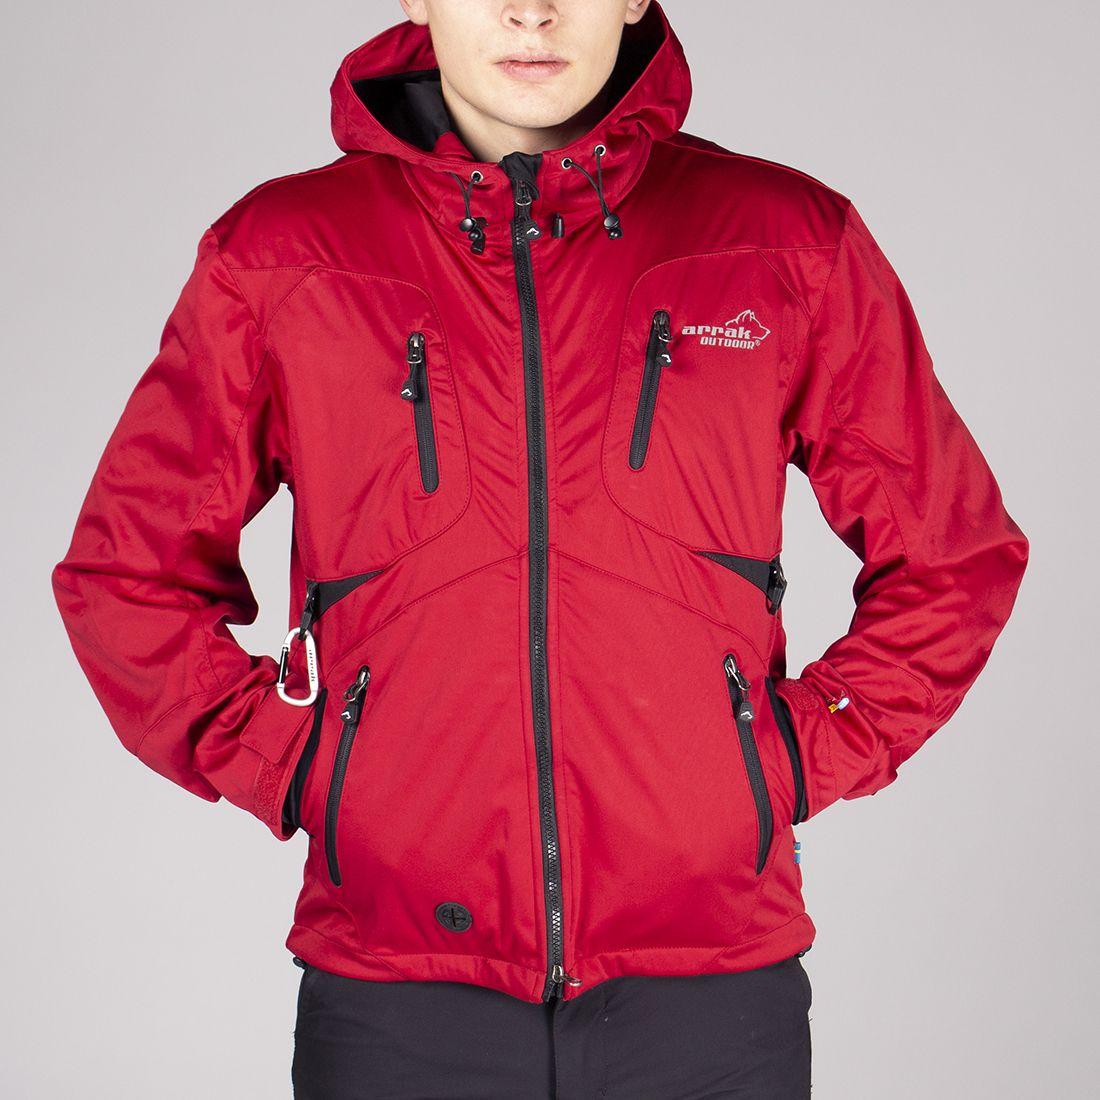 Arrak Akka Softshelljacket  UNISEX red XL